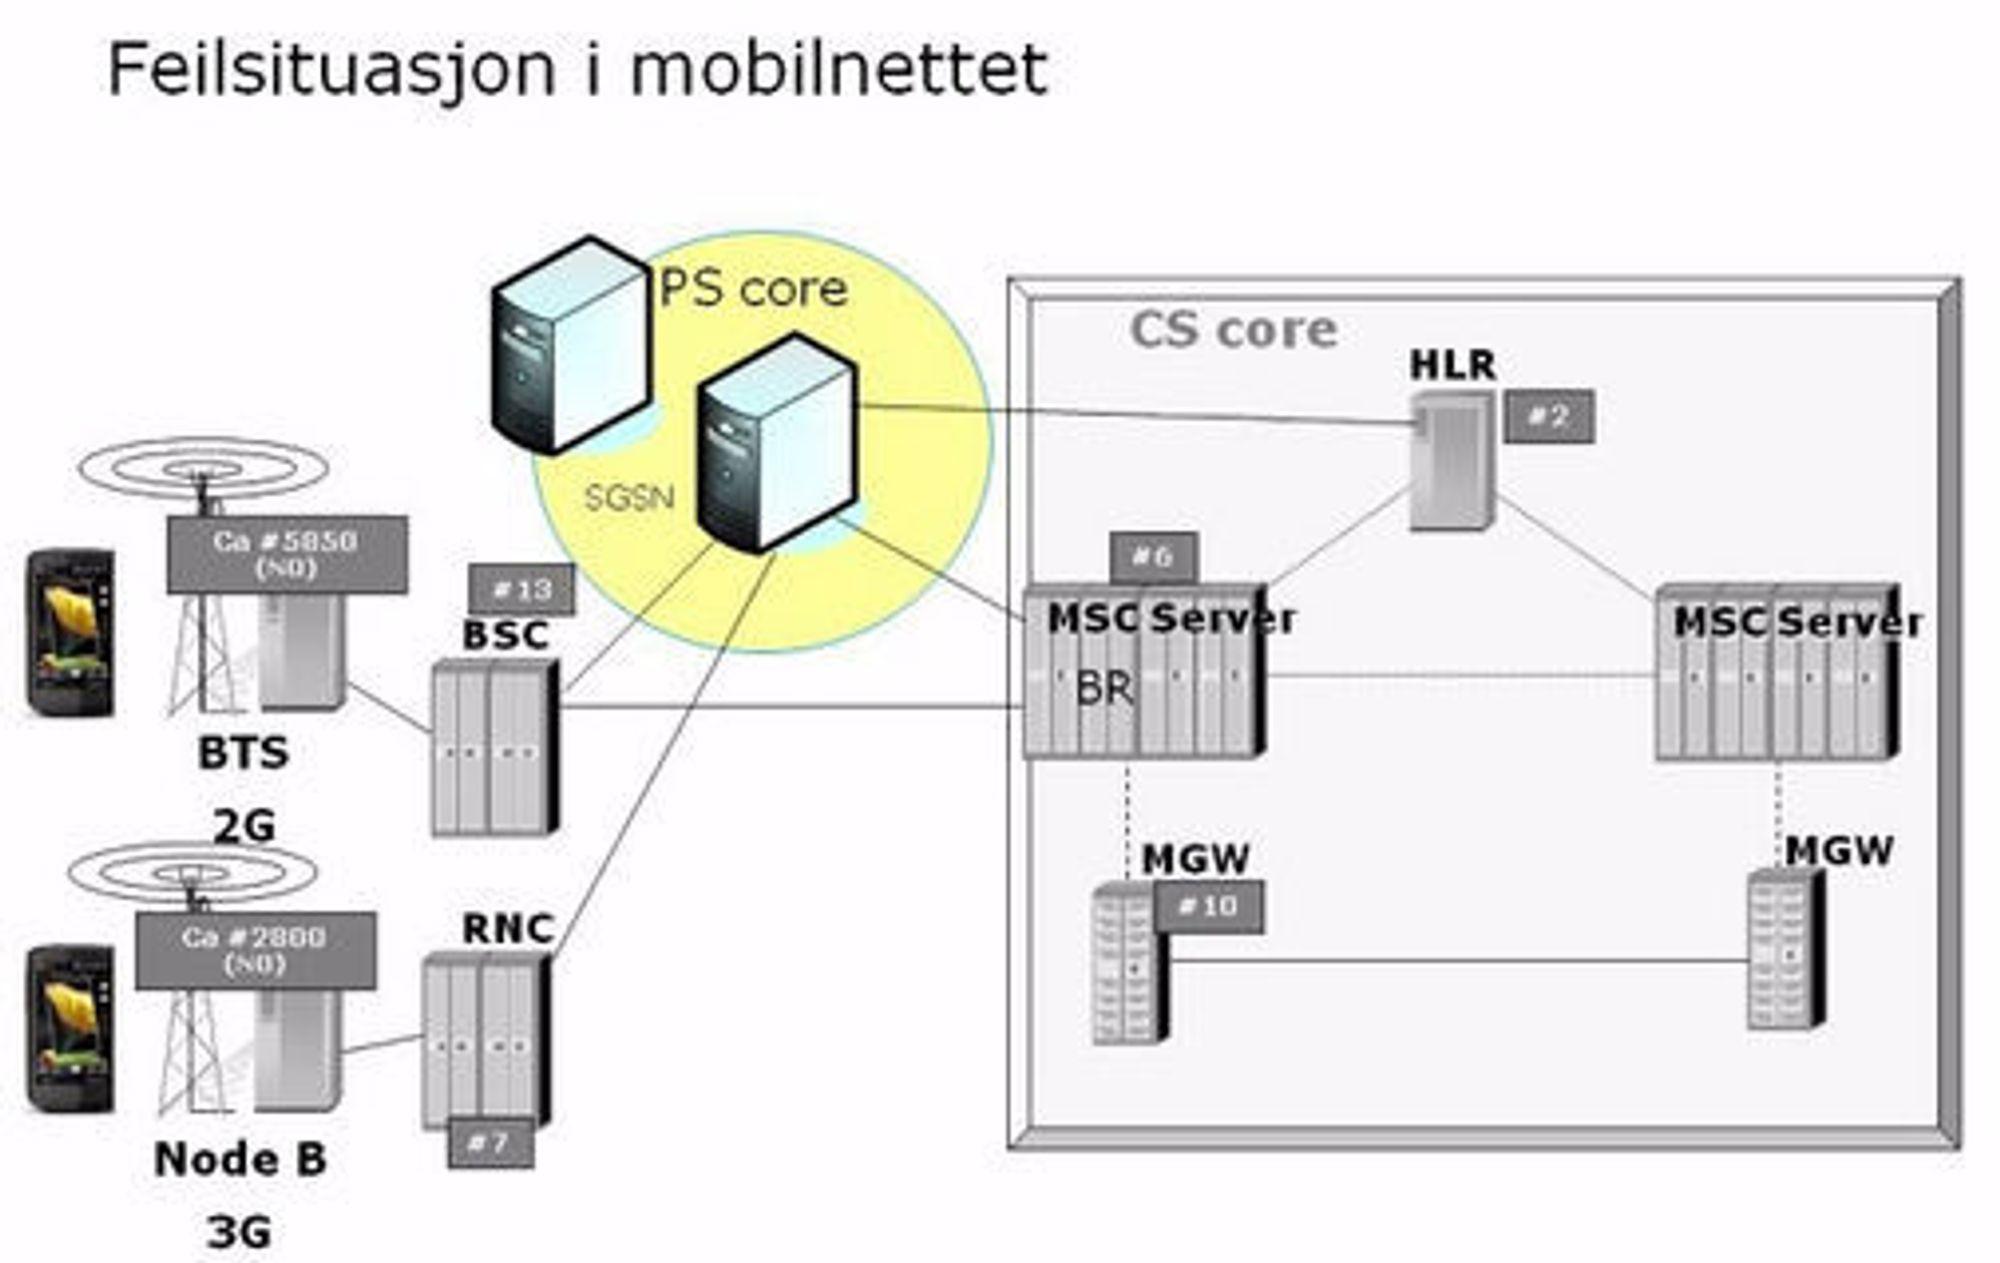 Feilen oppstod etter en omstart av en av SGSN-komponentene, som vises i illustasjonen over.